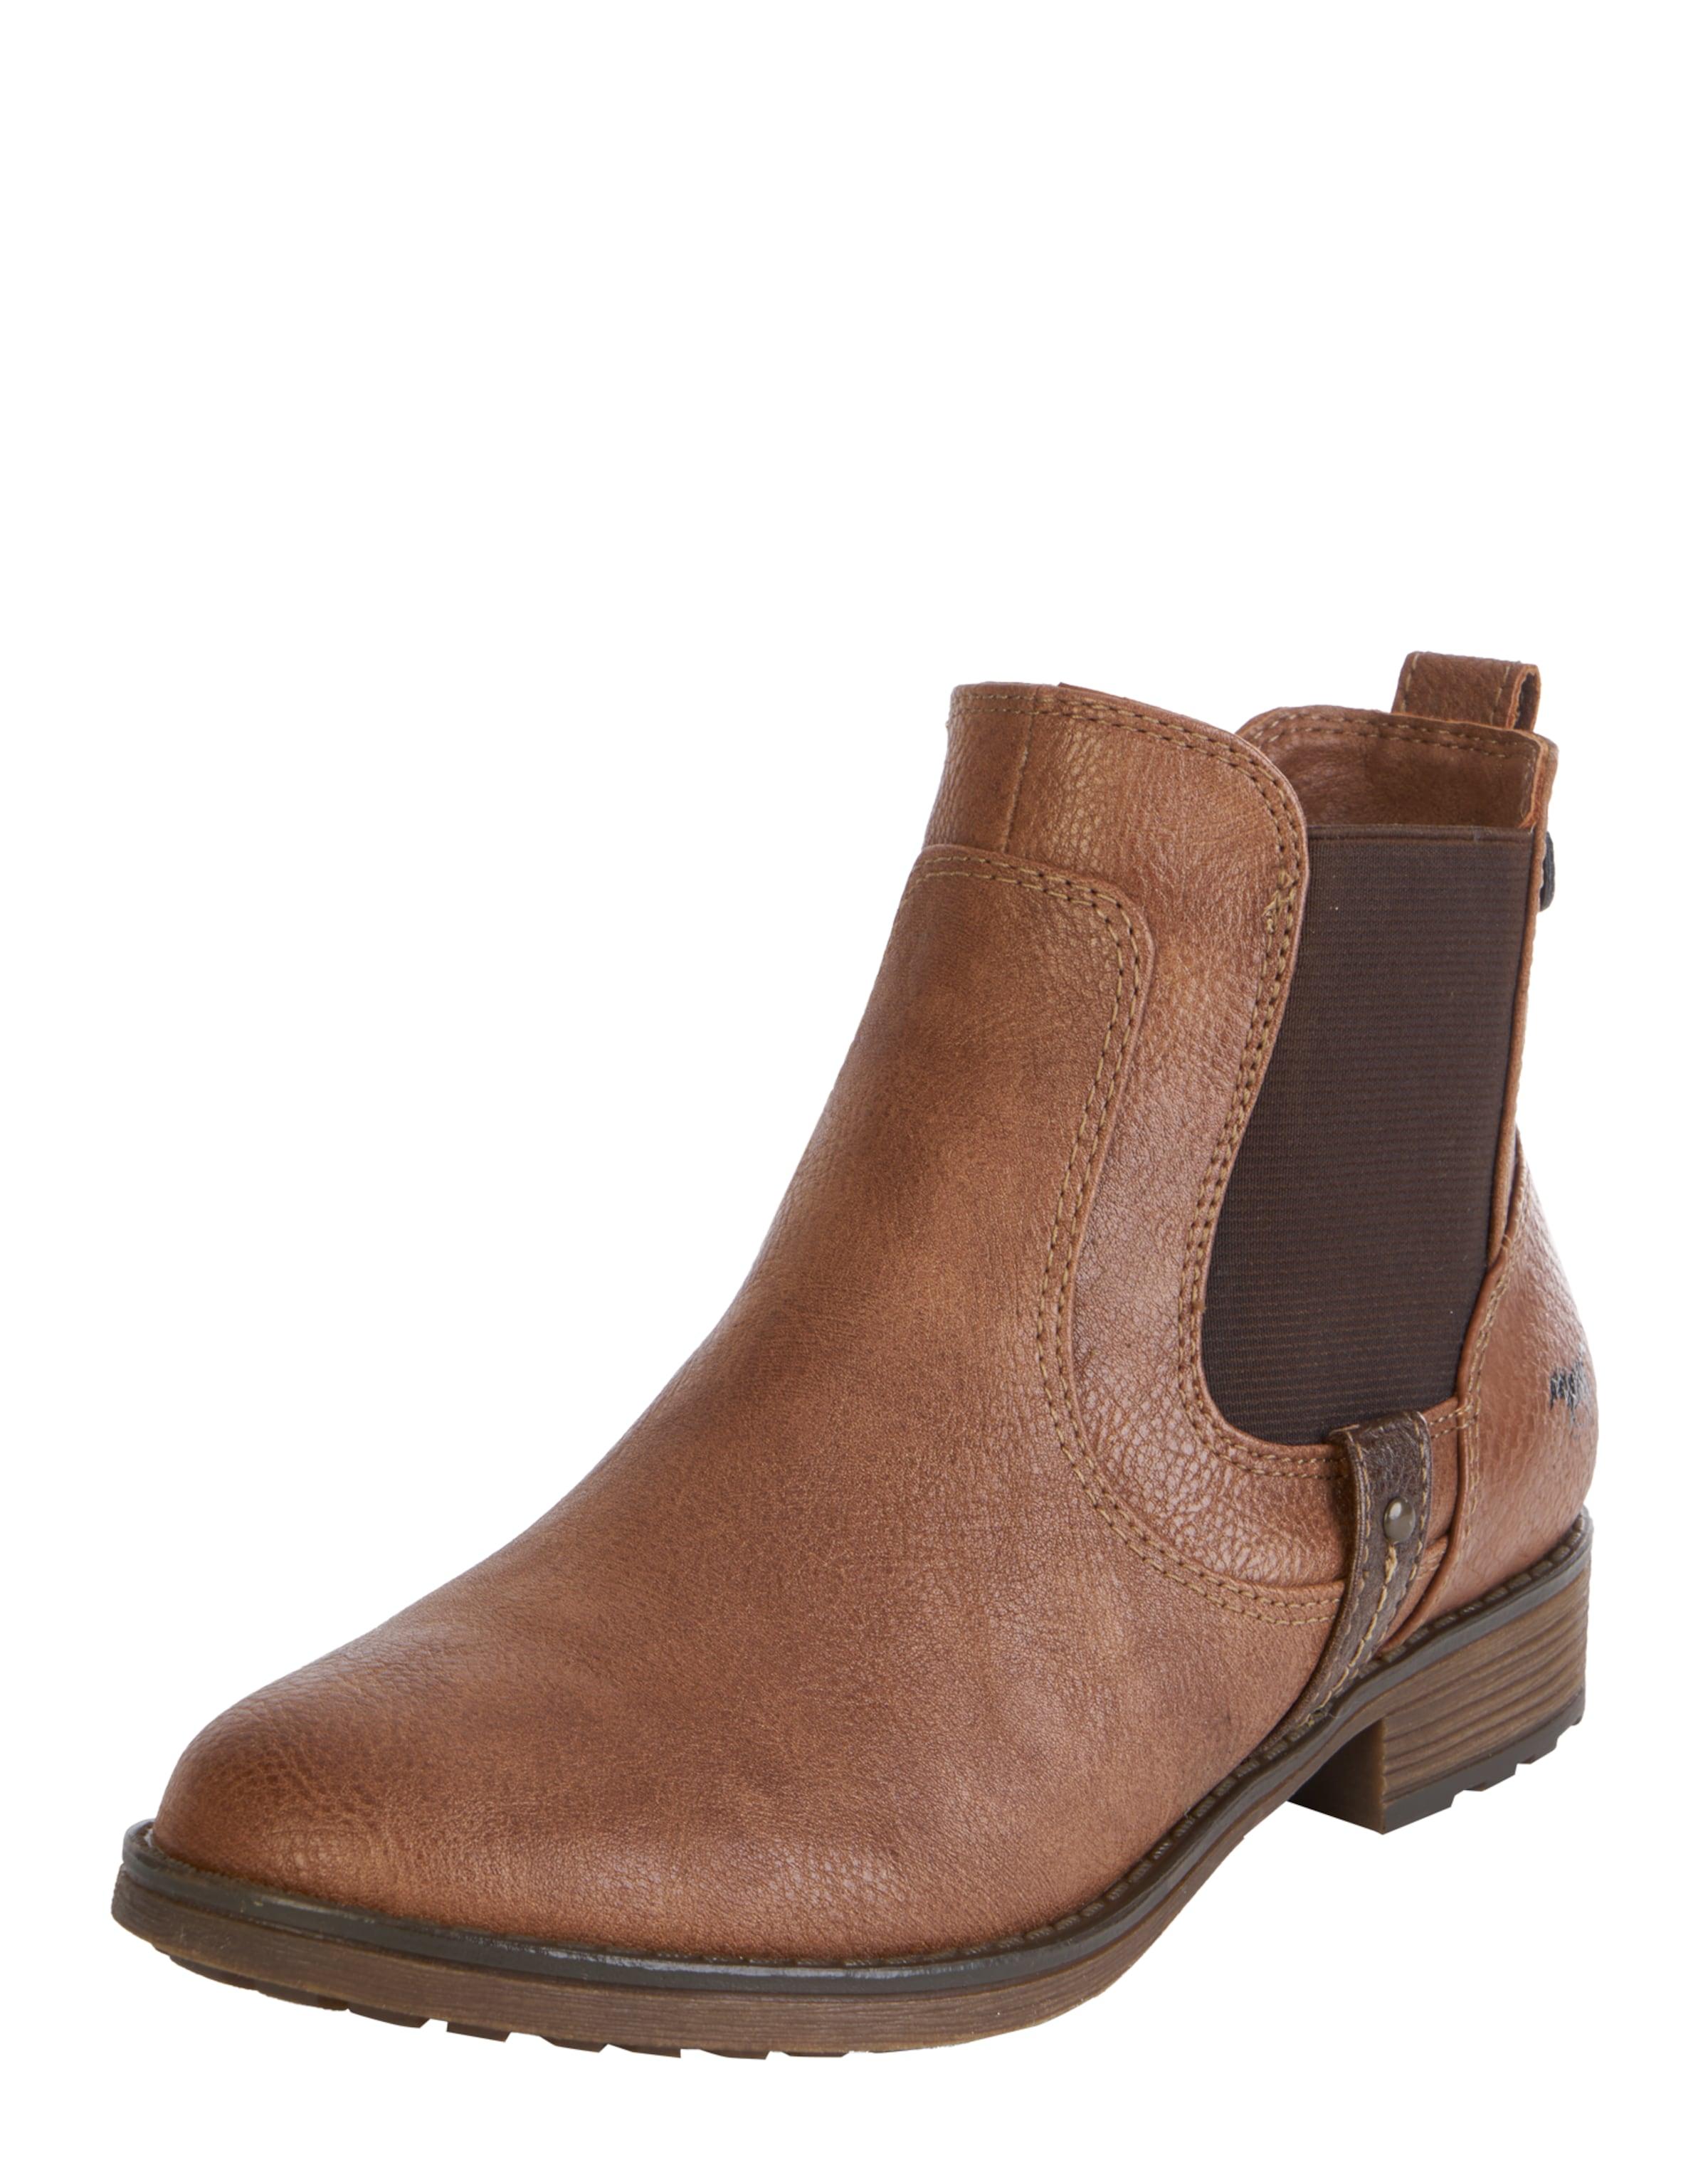 Mustang Chelsea Chelsea Marron En Boots Marron Mustang Mustang En Boots BroCedx